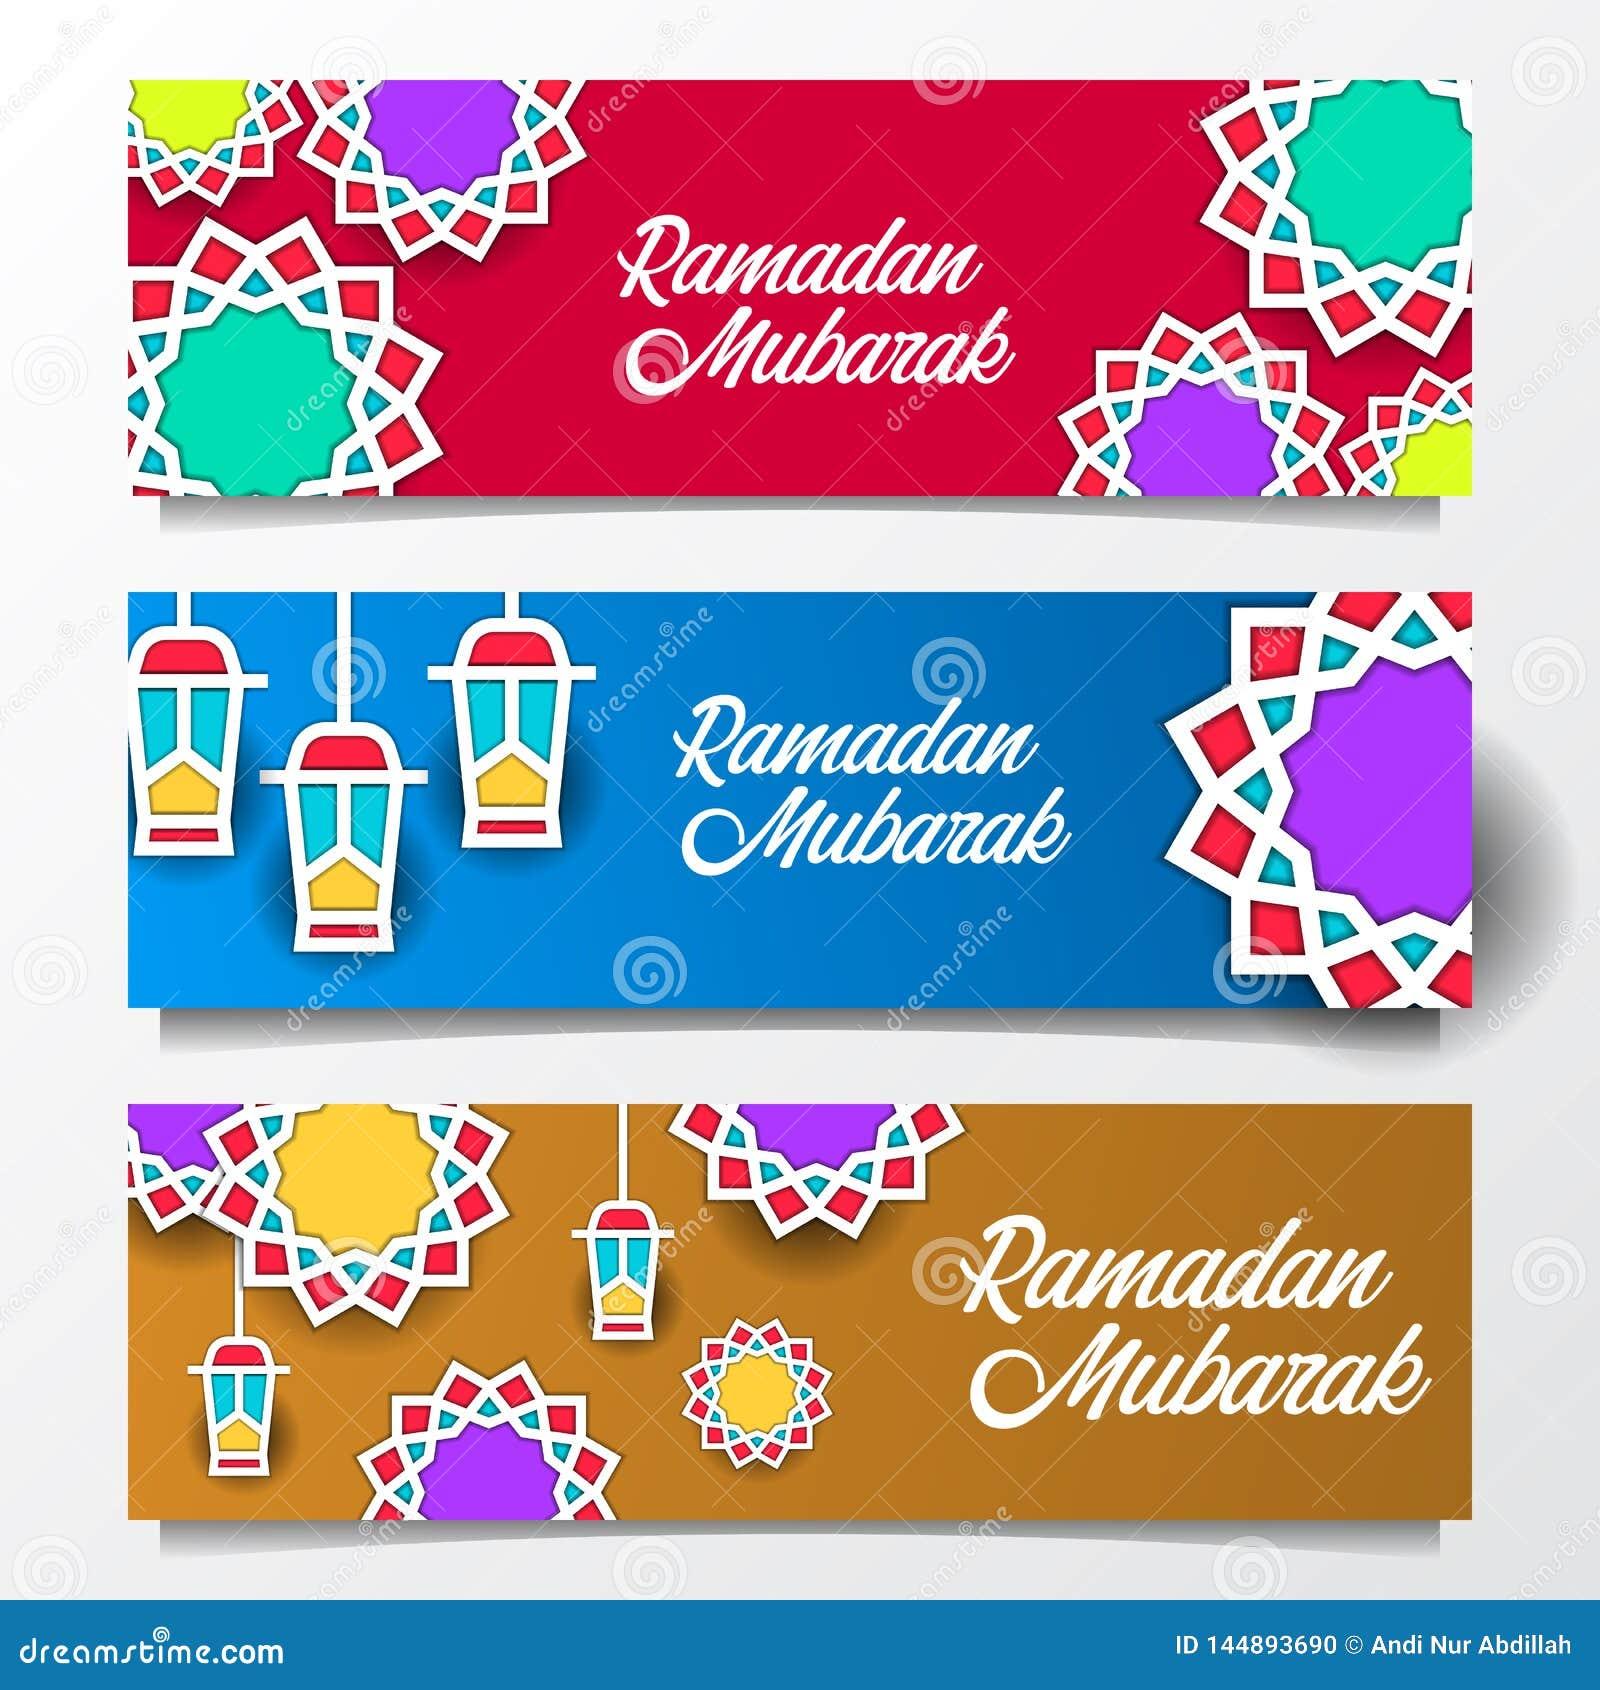 现代与现代流行音乐颜色和纸工艺的星坛场几何样式被设置的伊斯兰教的横幅削减了样式